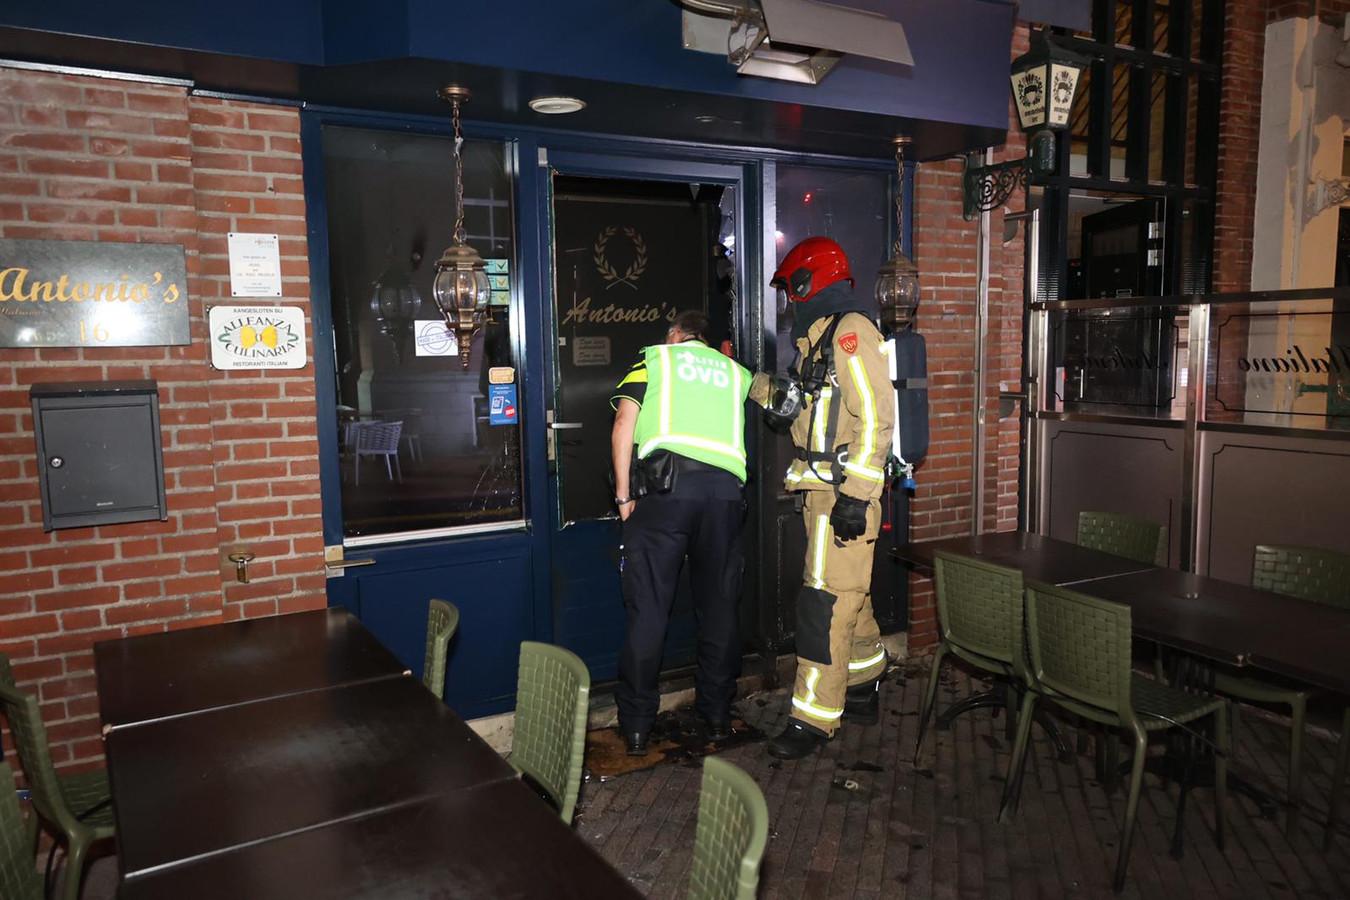 Met een moker is de ruit in de toegangsdeur van restaurant Antonio's ingeslagen om vervolgens een brandbare vloeistof naar binnen te gieten. De schade bleef beperkt.